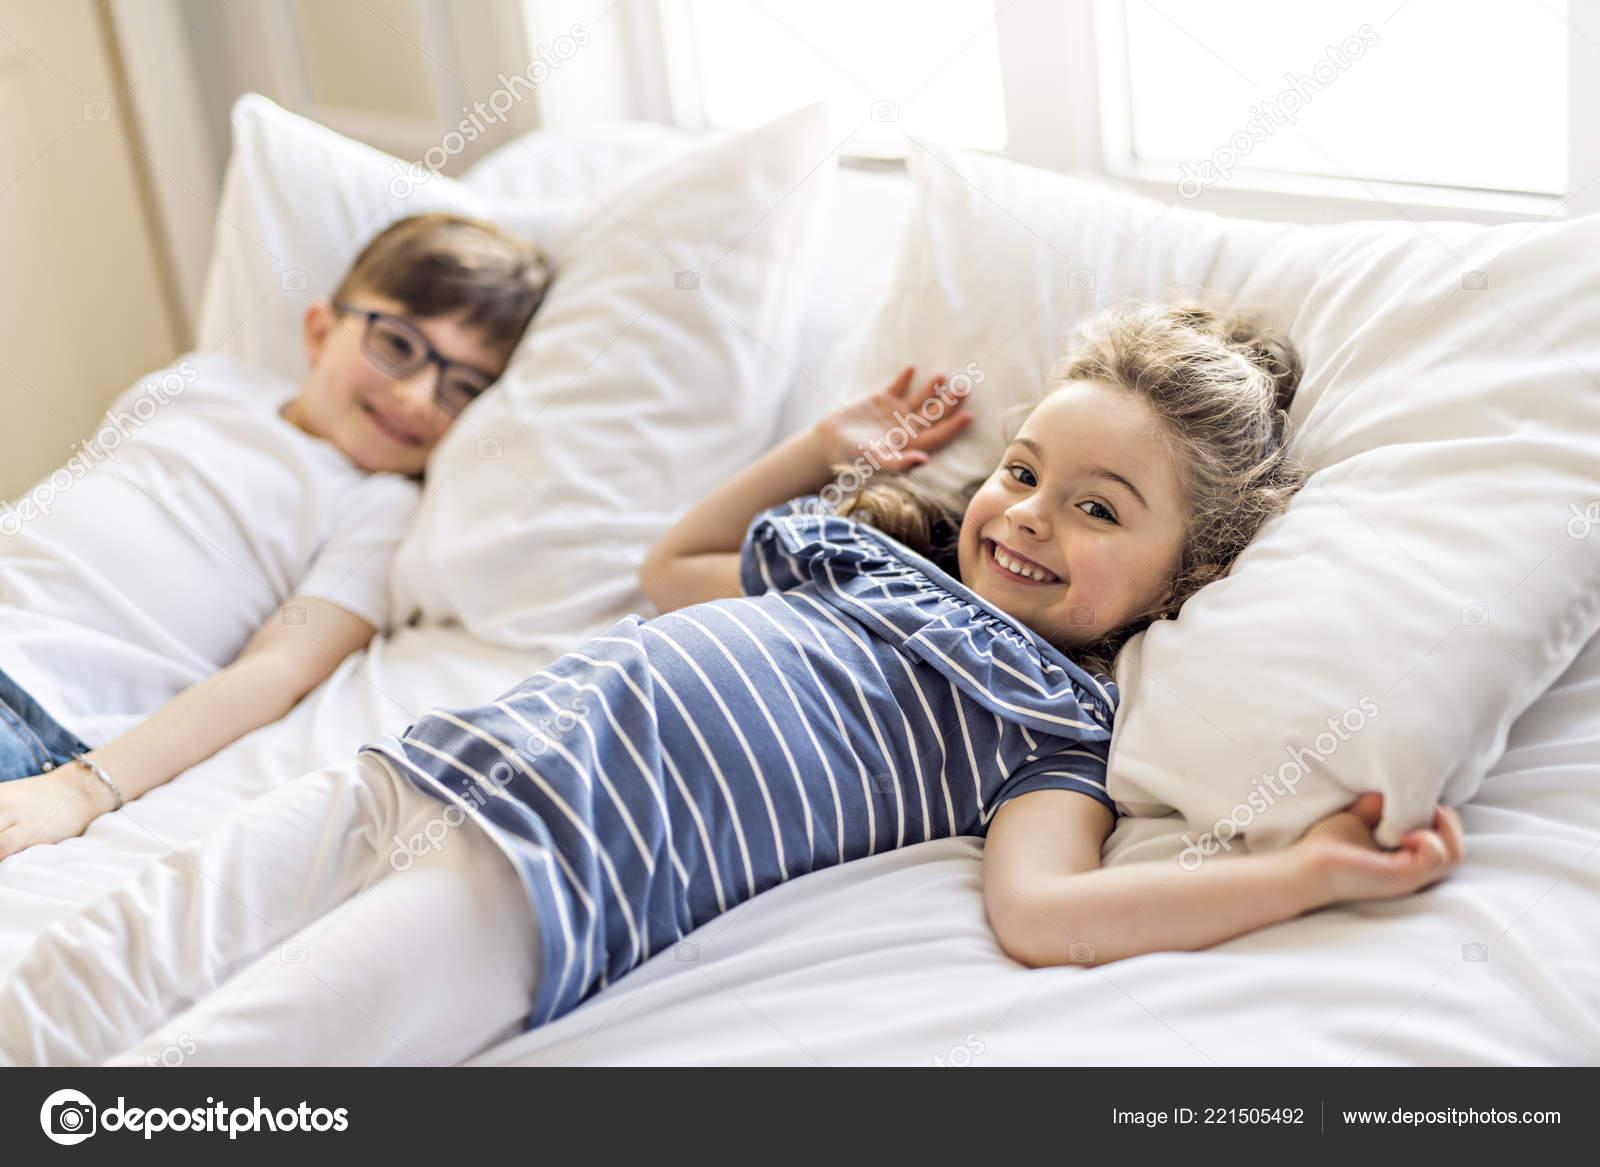 Смотреть онлайн порно брат с сестрой и её подругой, Брат зашёл к сестре))) смотреть онлайн видео брат 19 фотография